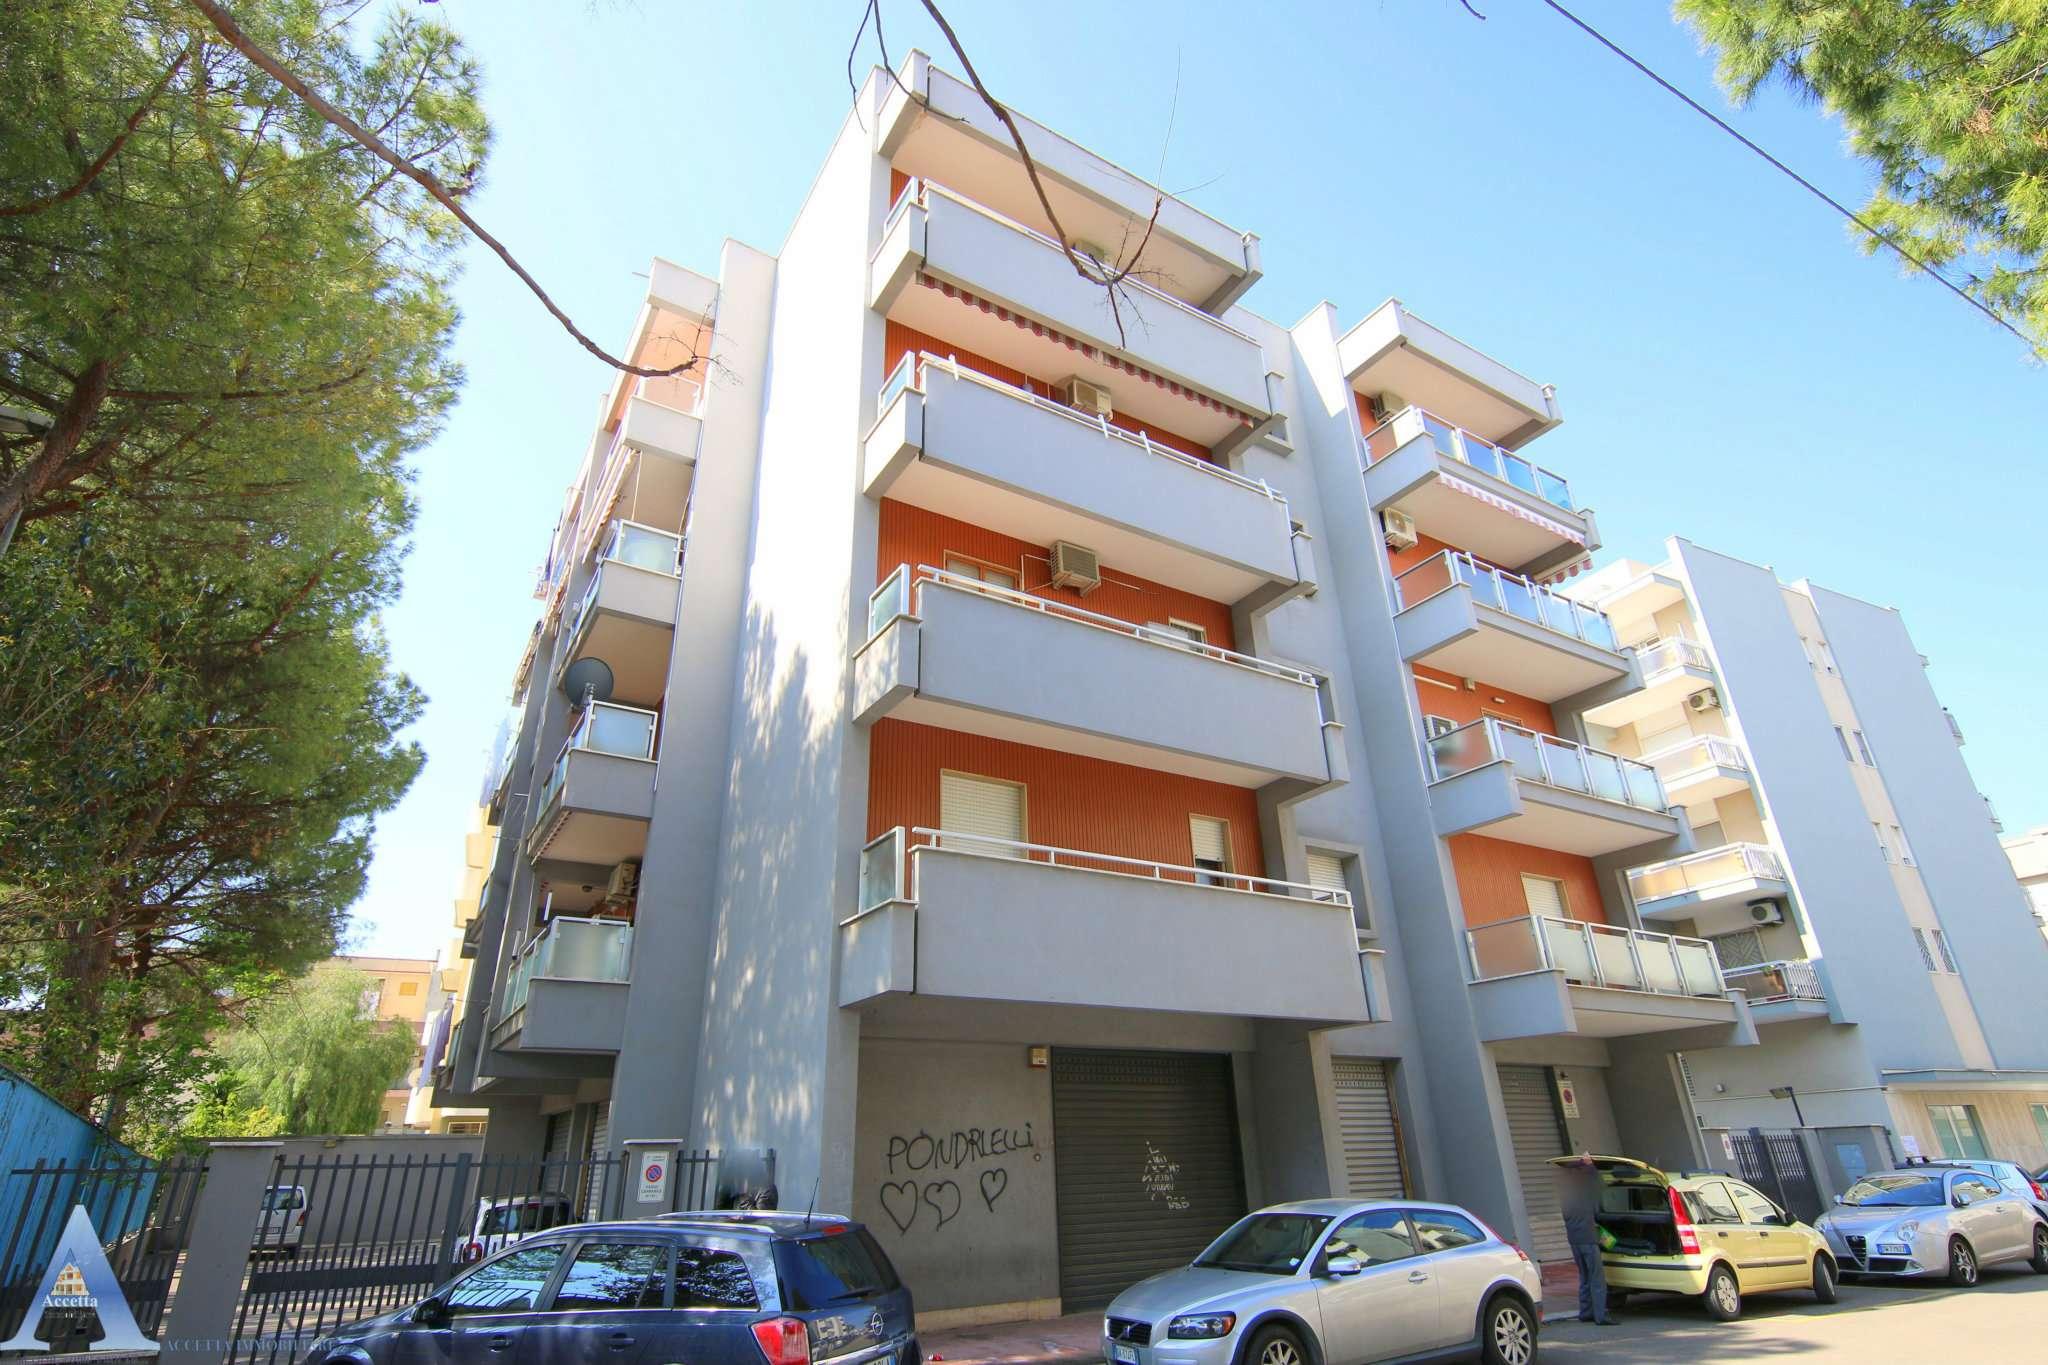 Appartamento in vendita a Taranto, 3 locali, prezzo € 118.000 | CambioCasa.it